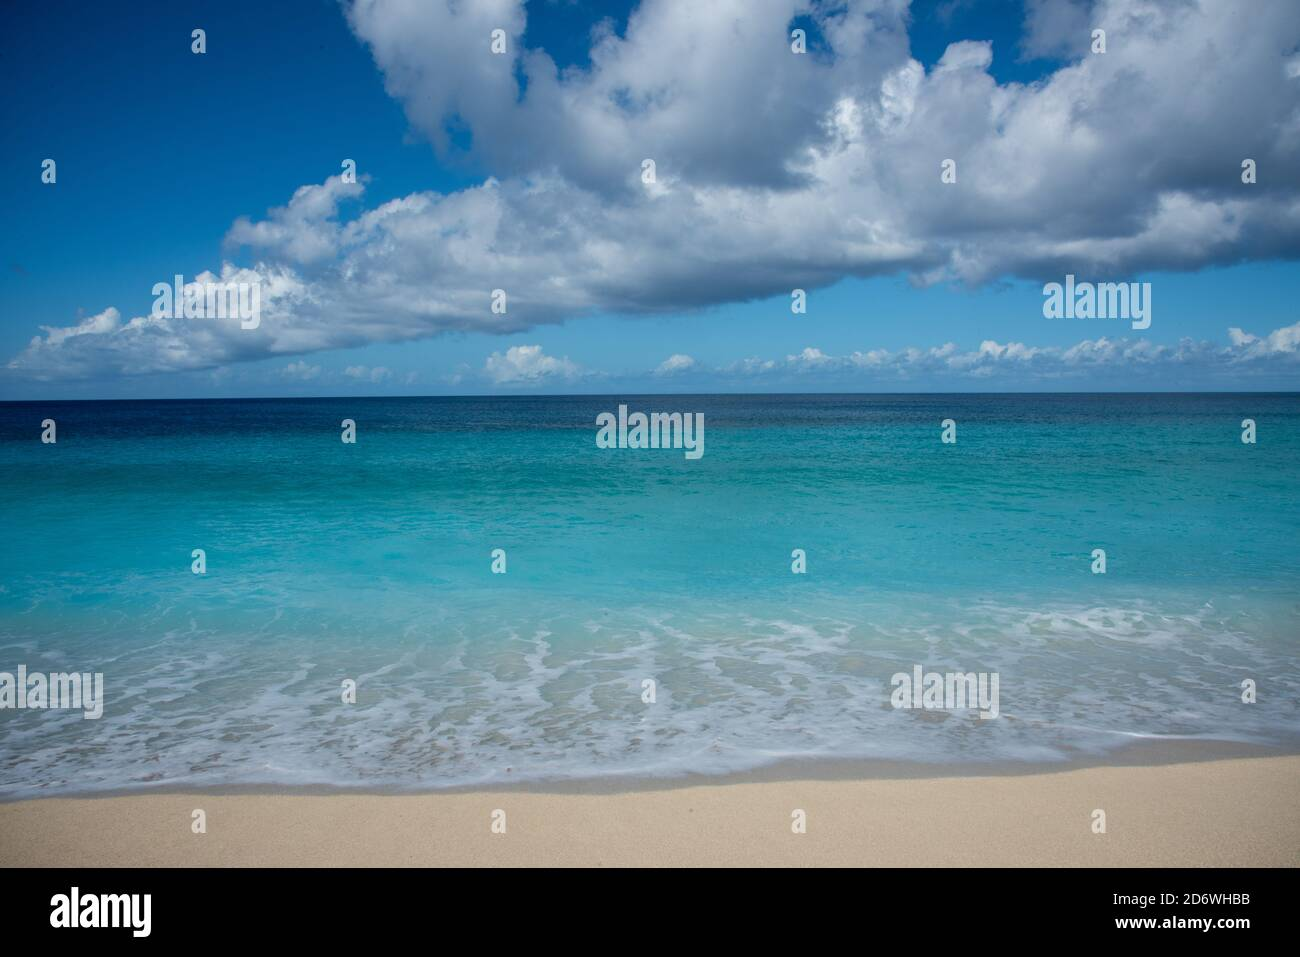 Majestueuses eaux de la mer des Caraïbes à la plage de Sandy point à Frederiksted sur Sainte-Croix lors d'une journée ensoleillée dans les îles Vierges américaines Banque D'Images